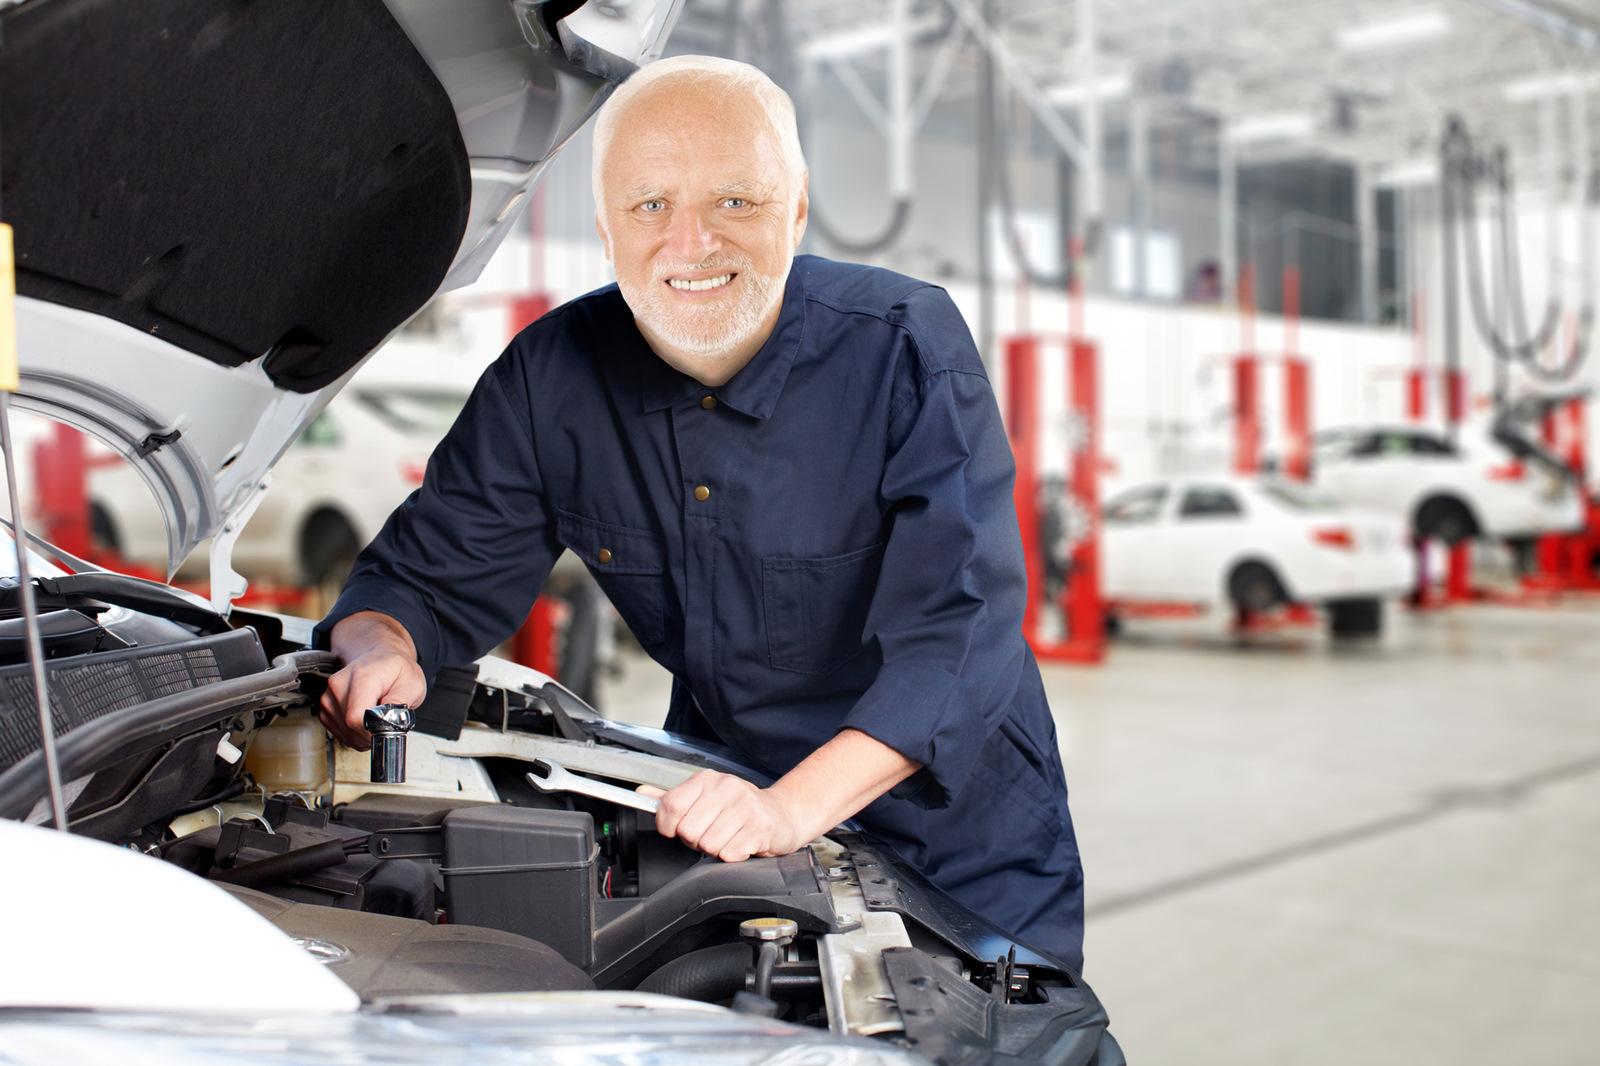 Механик менеджер автомобиля фото